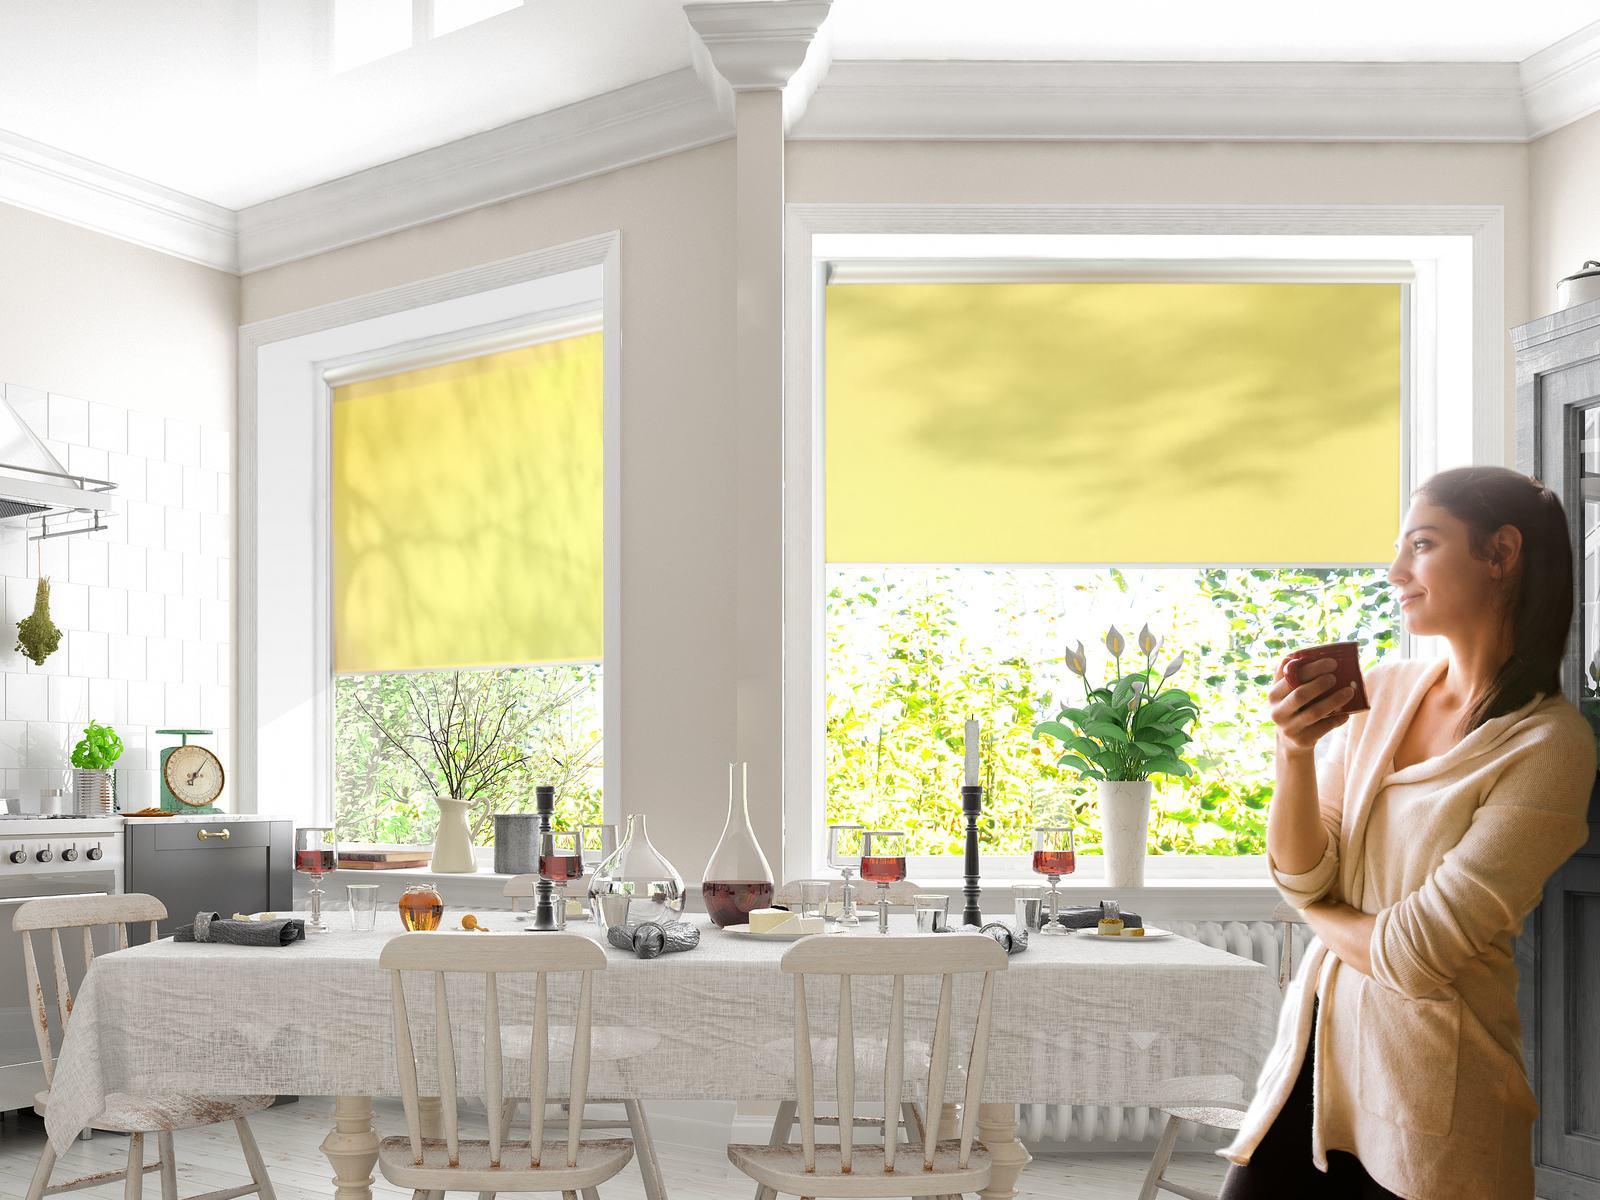 Full Size of Fenster Jalousien Innen Fensterrahmen Montieren Ohne Bohren Obi Rollo Montageanleitung Bauhaus Elektrisch Ersatzteile Neuen Minirollos Von Rieper Kleine Wohnzimmer Fenster Jalousien Innen Fensterrahmen